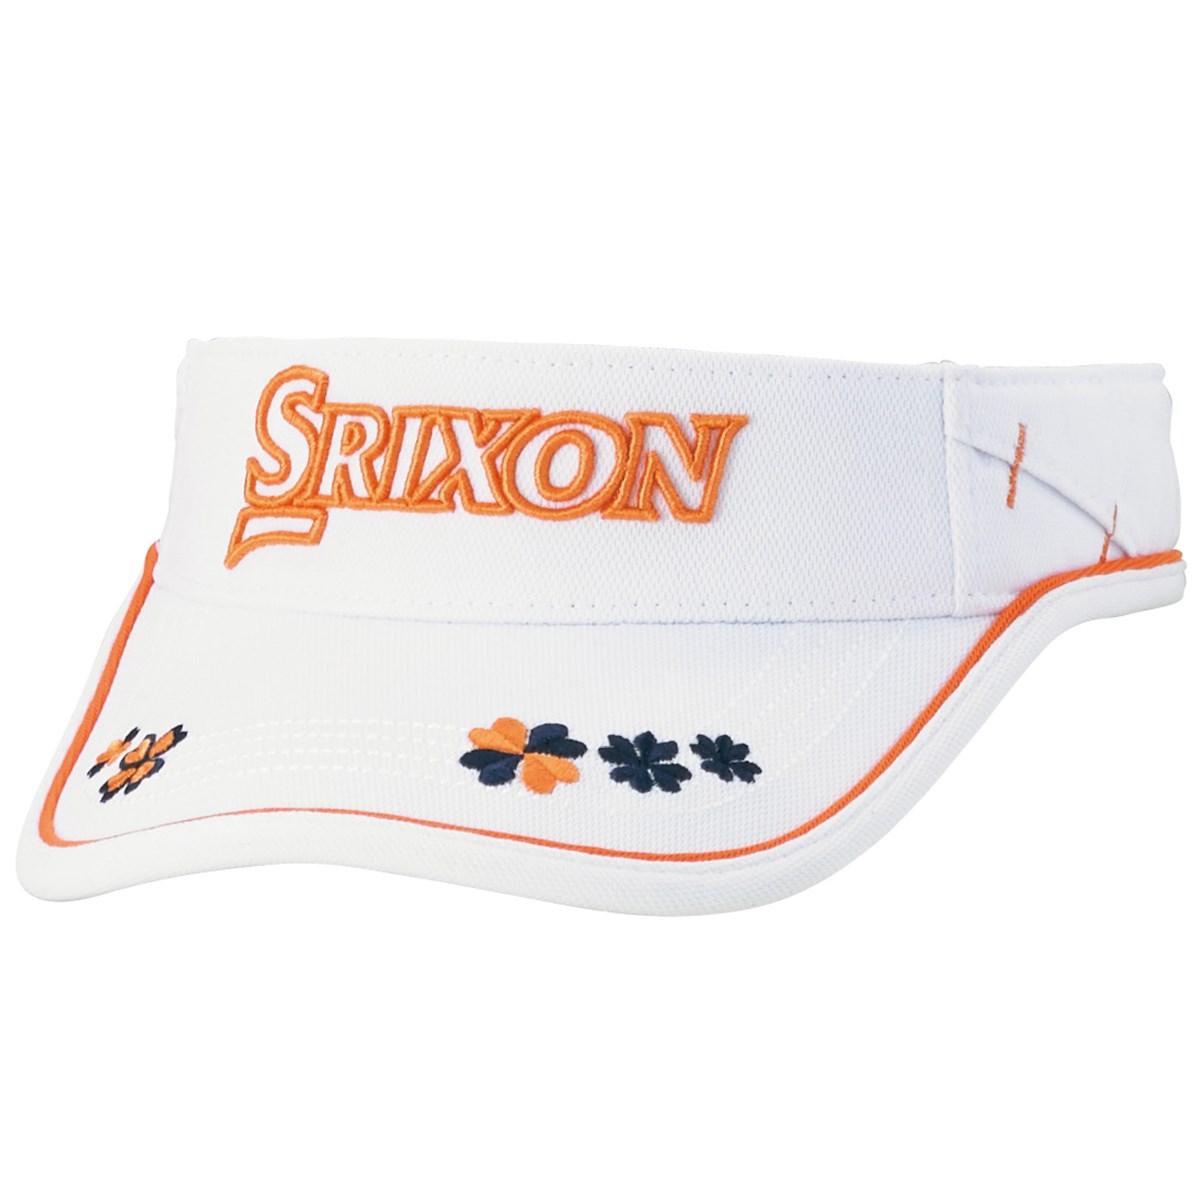 ダンロップ SRIXON サンバイザー フリー ホワイトオレンジ レディス